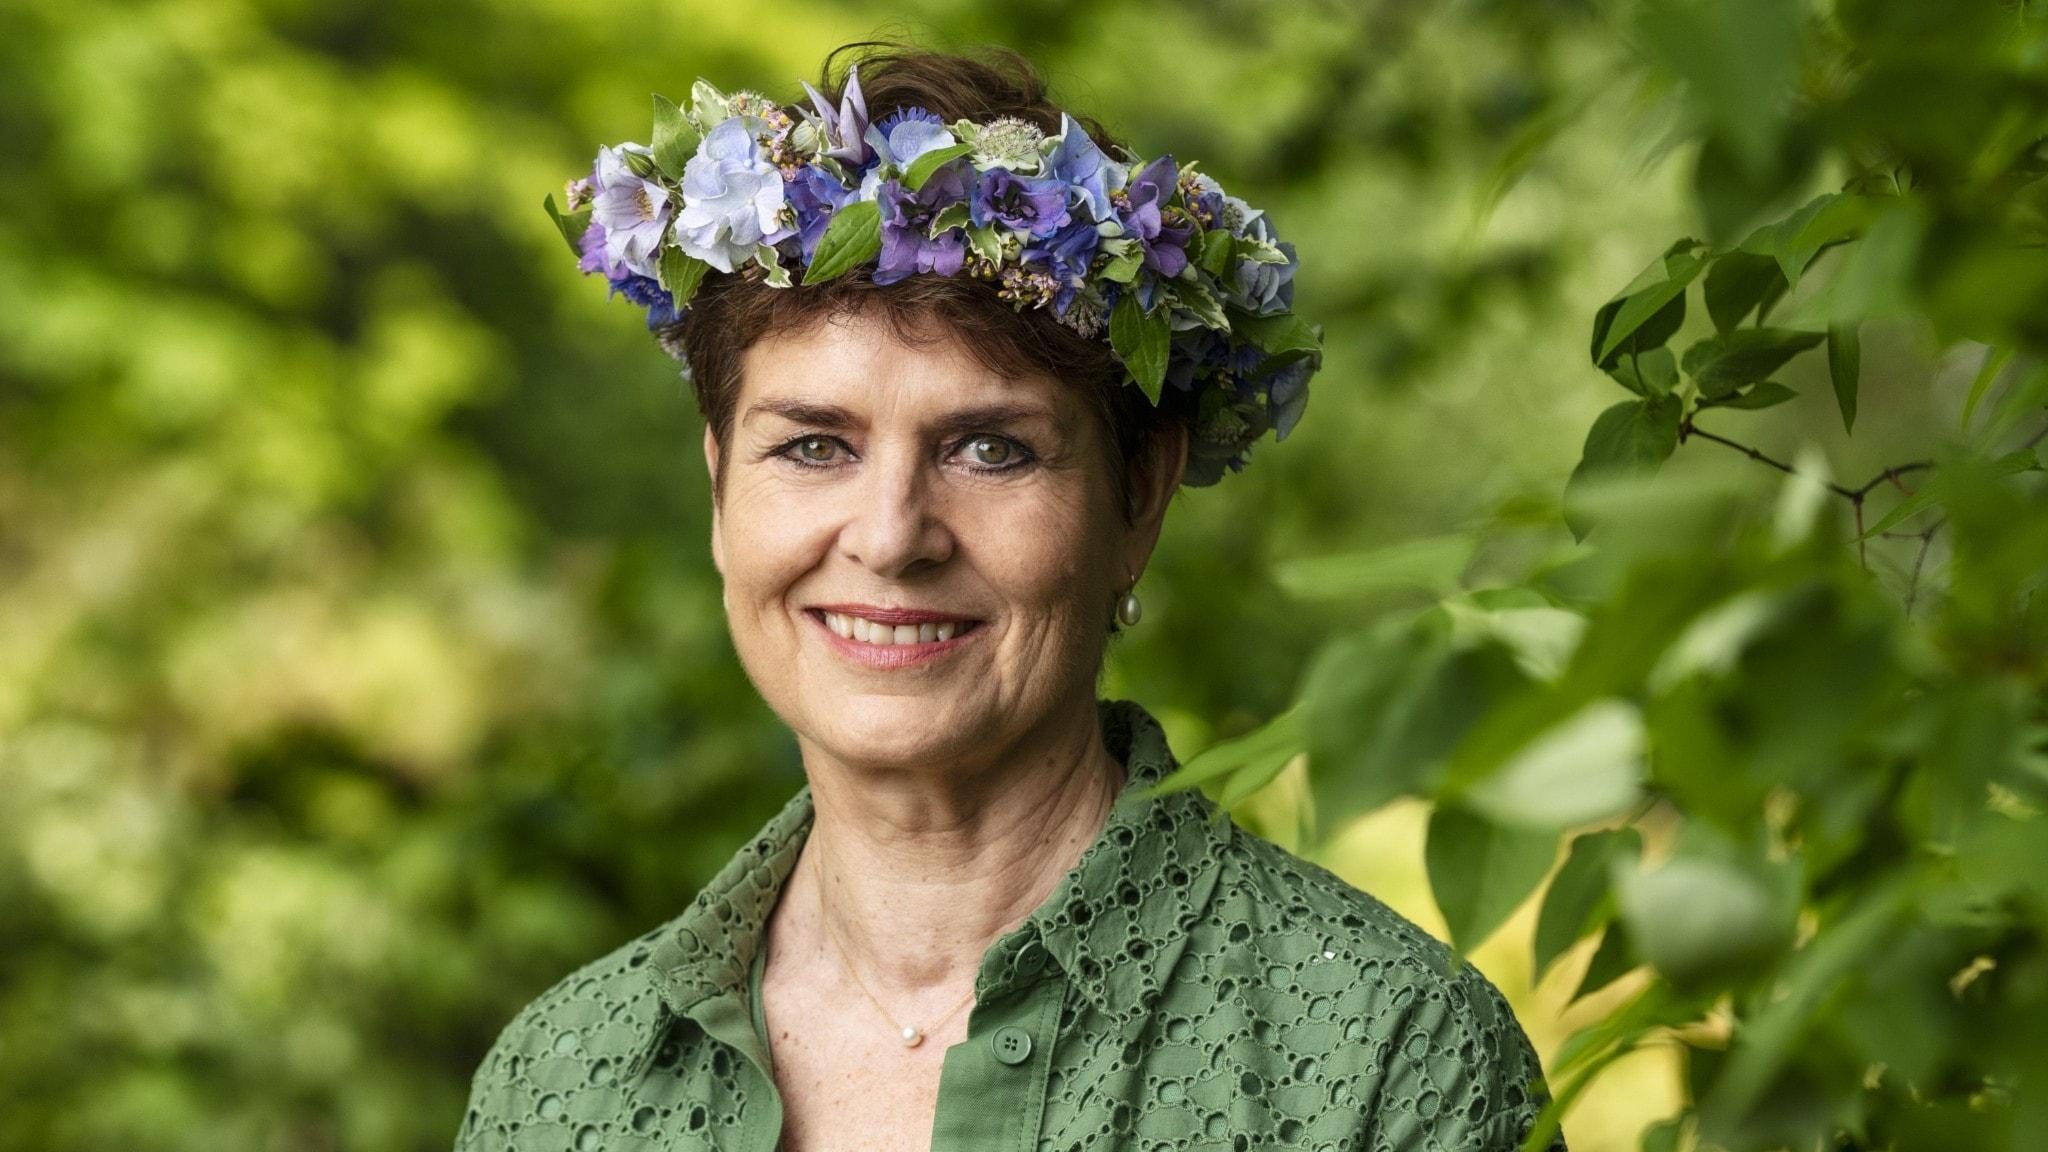 Ullakarin Nyberg i blomsterkrans